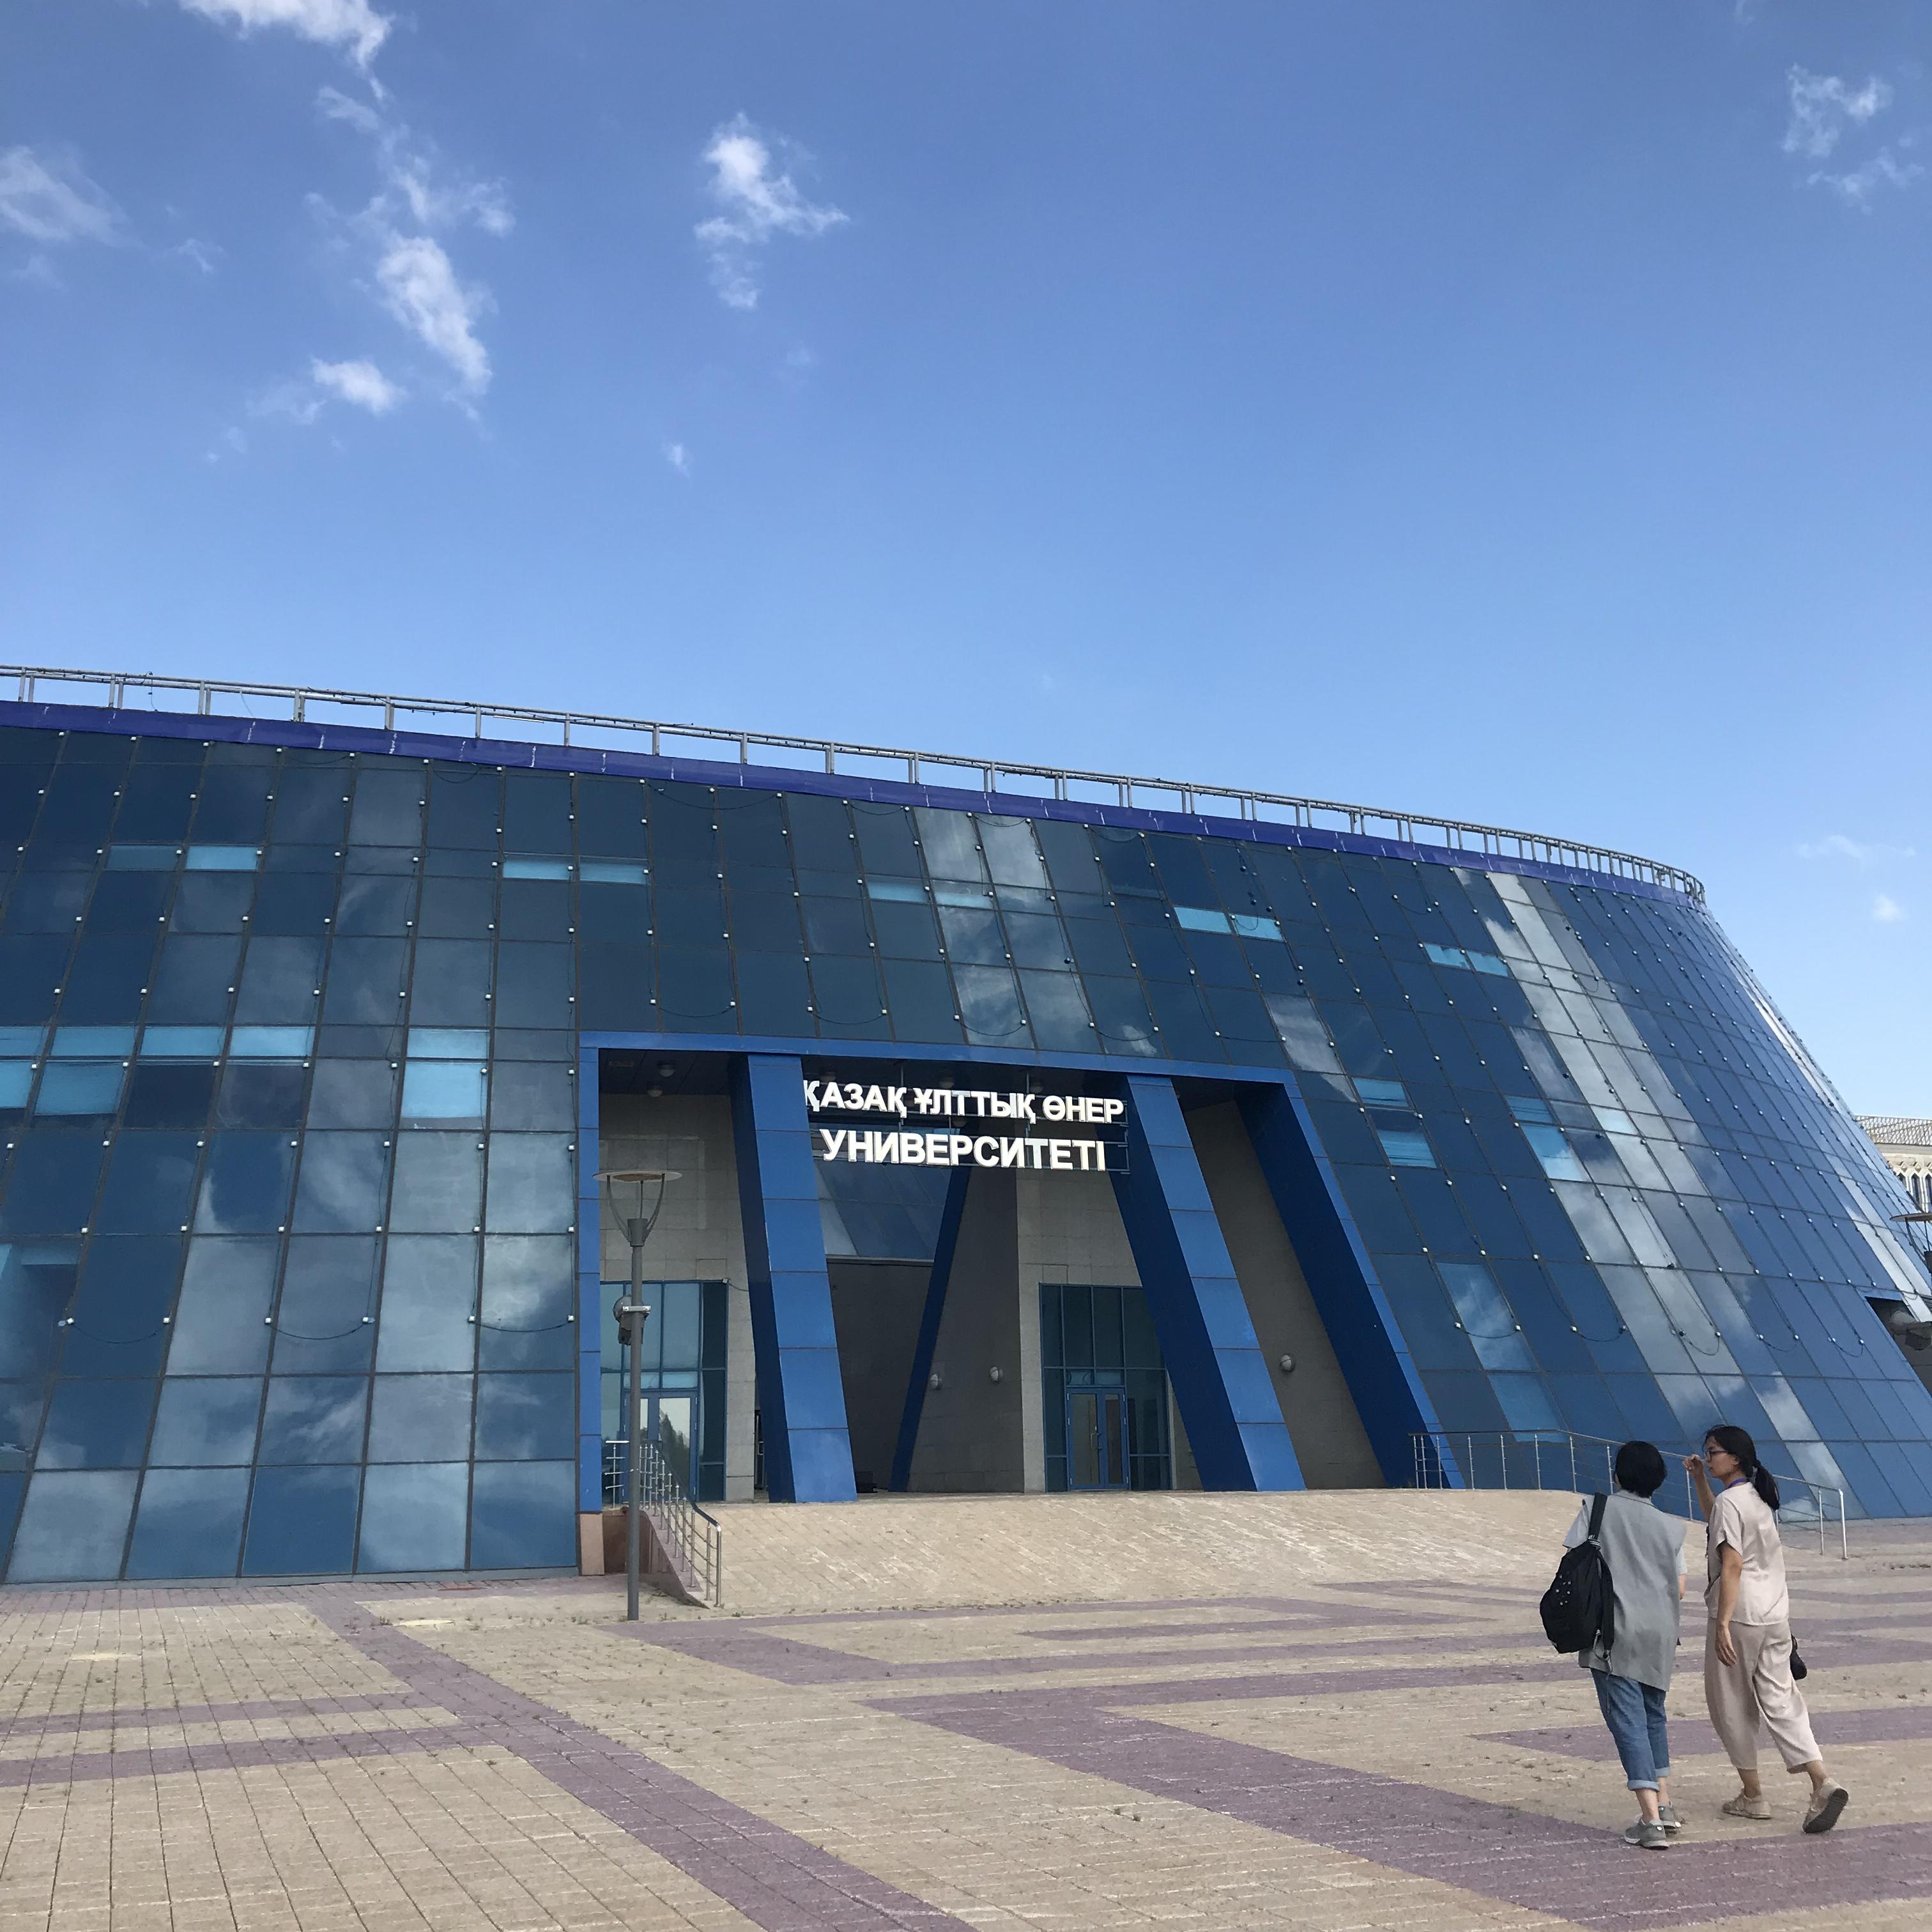 カザフスタンへの一人旅 カザフスタン国立芸術大学見学